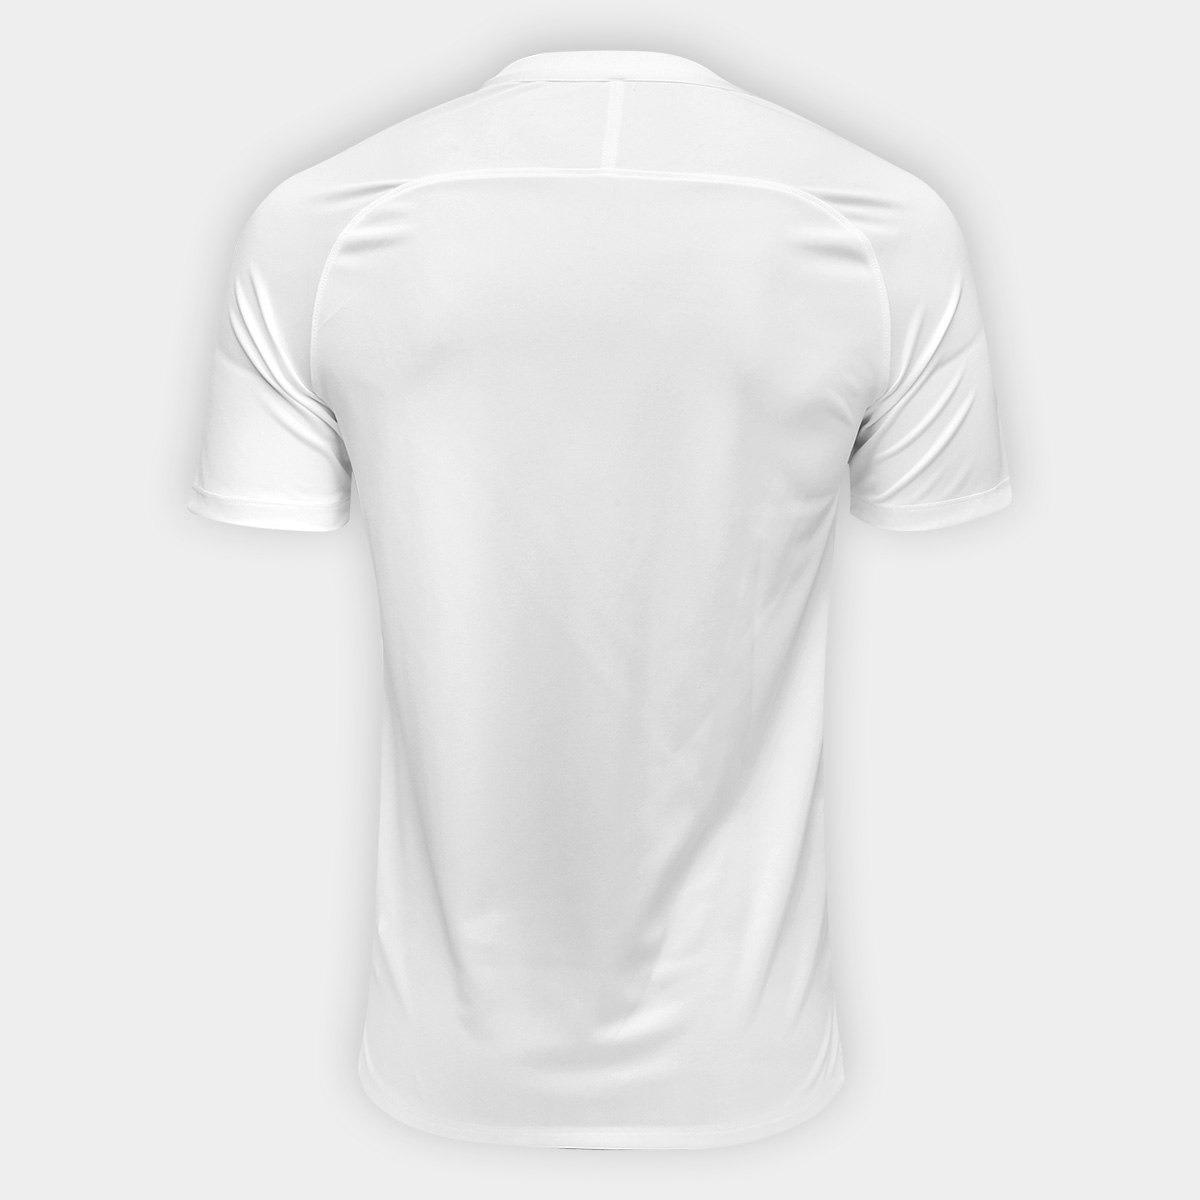 274522756a camisa holanda dry squad ss tam. g branca nike novo. Carregando zoom.